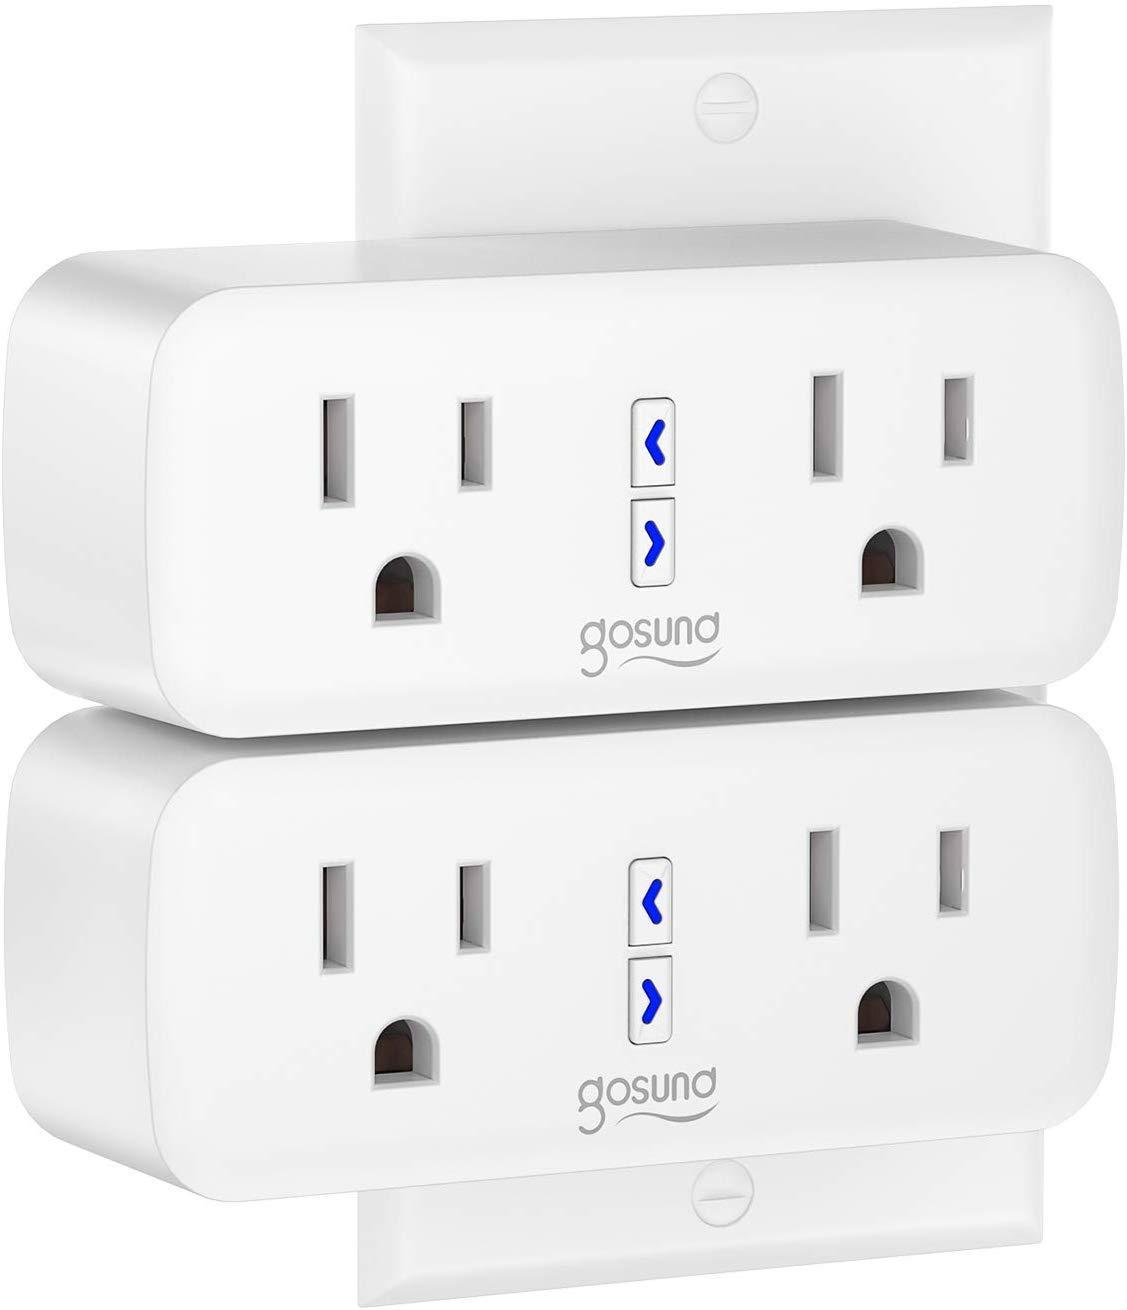 Ổ cắm điện wifi thông minh, điều khiển từ xa, hỗ trợ Amazon Echo Dot (Alexa), IFTTT, Google Home (Google Assistant)